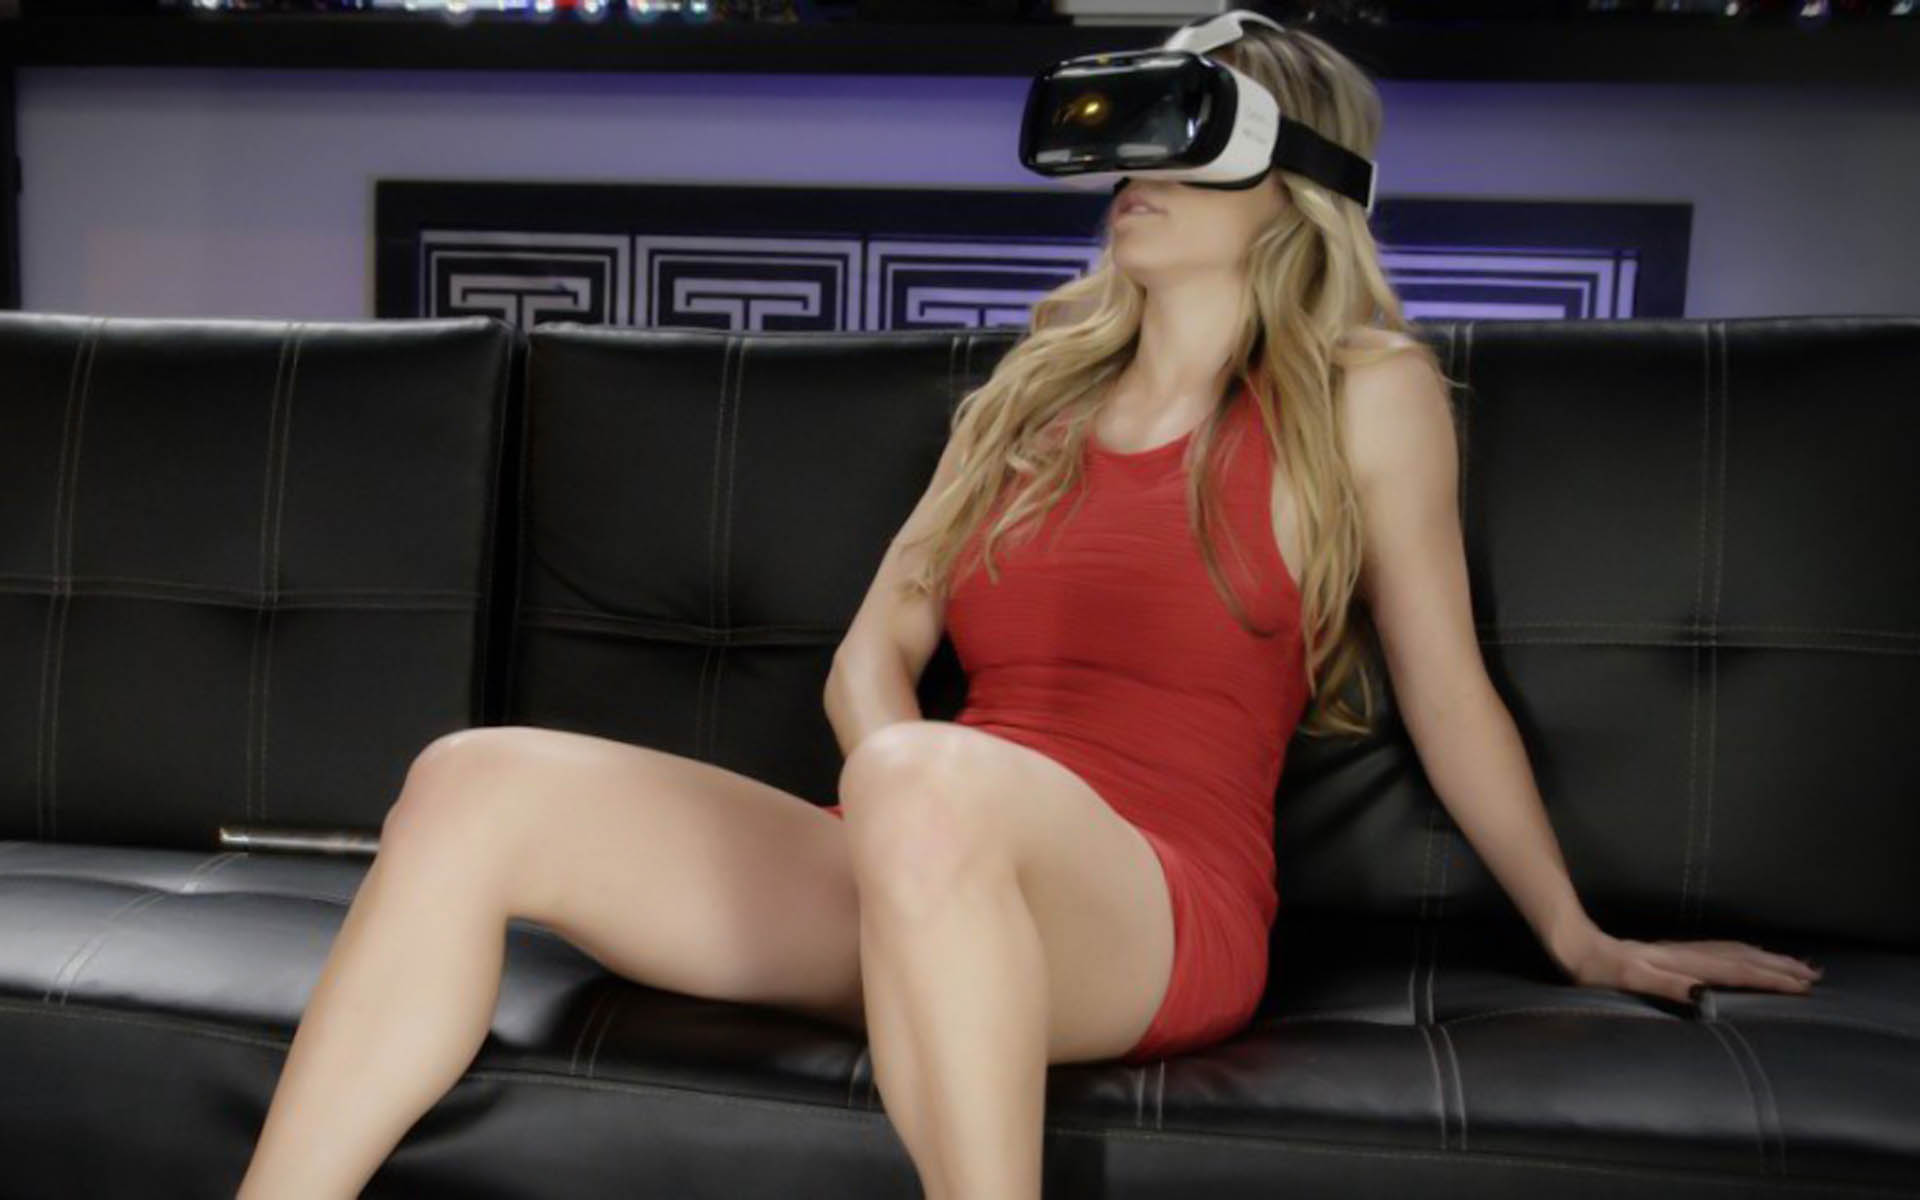 Просмотр сэкс роликов, Смотреть бесплатно онлайн порно видео, порно ролики 25 фотография